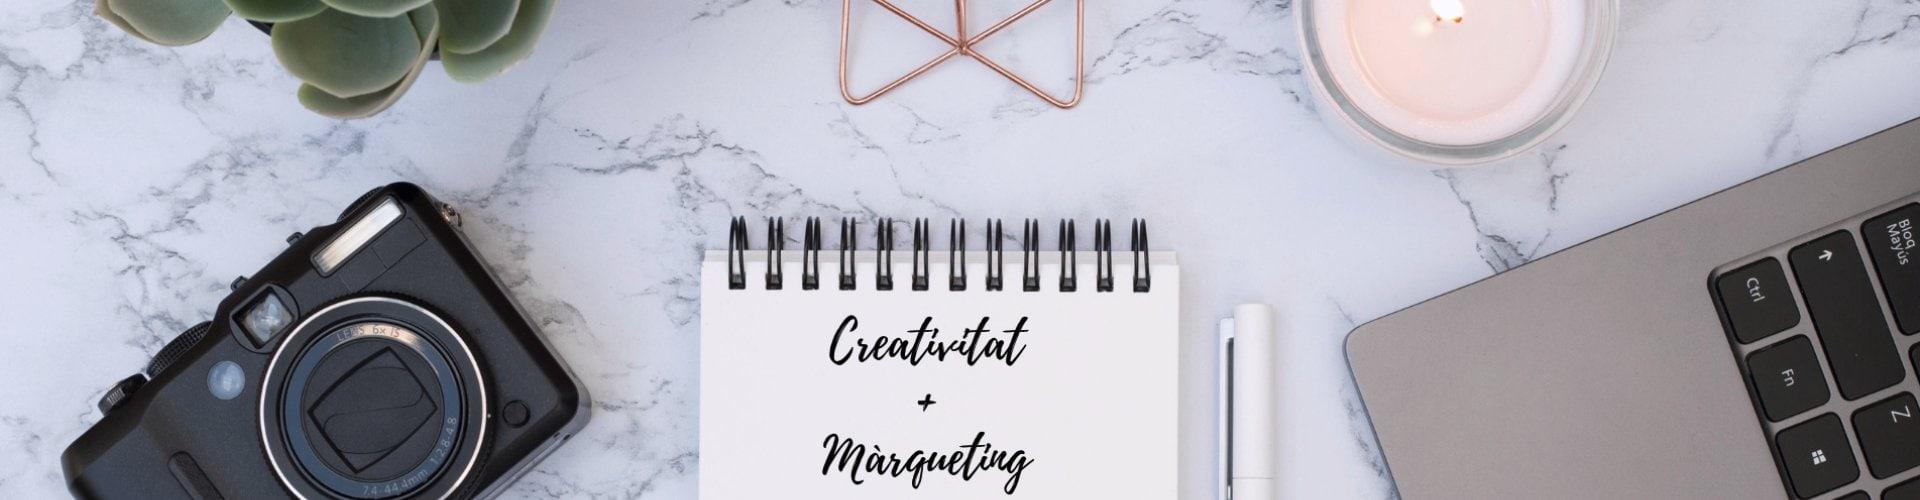 Creativitat i marqueting